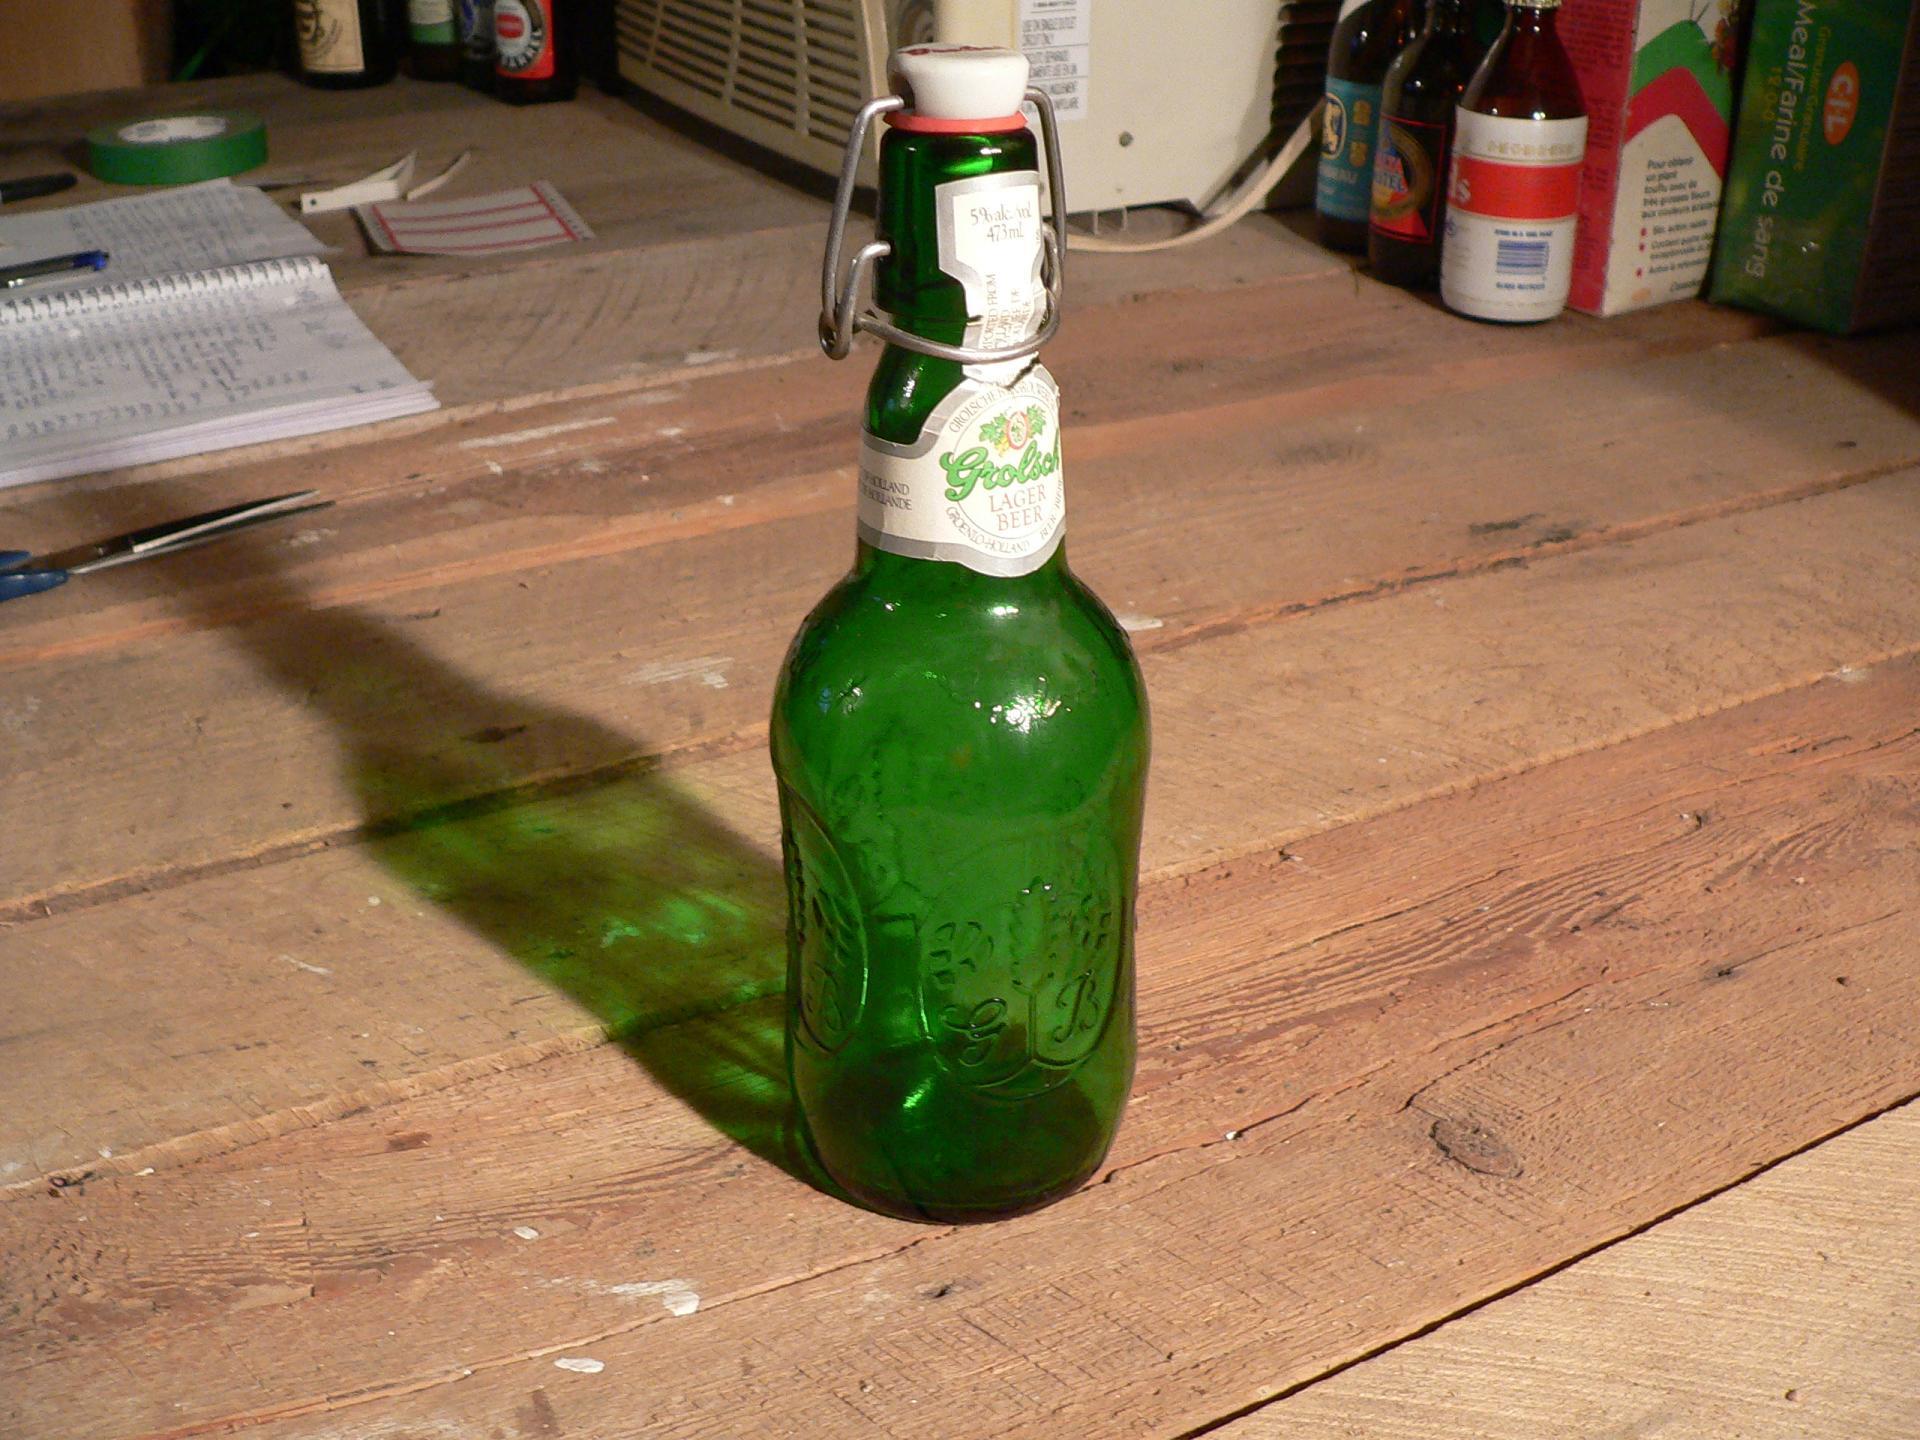 Bière grolsch #4739.29